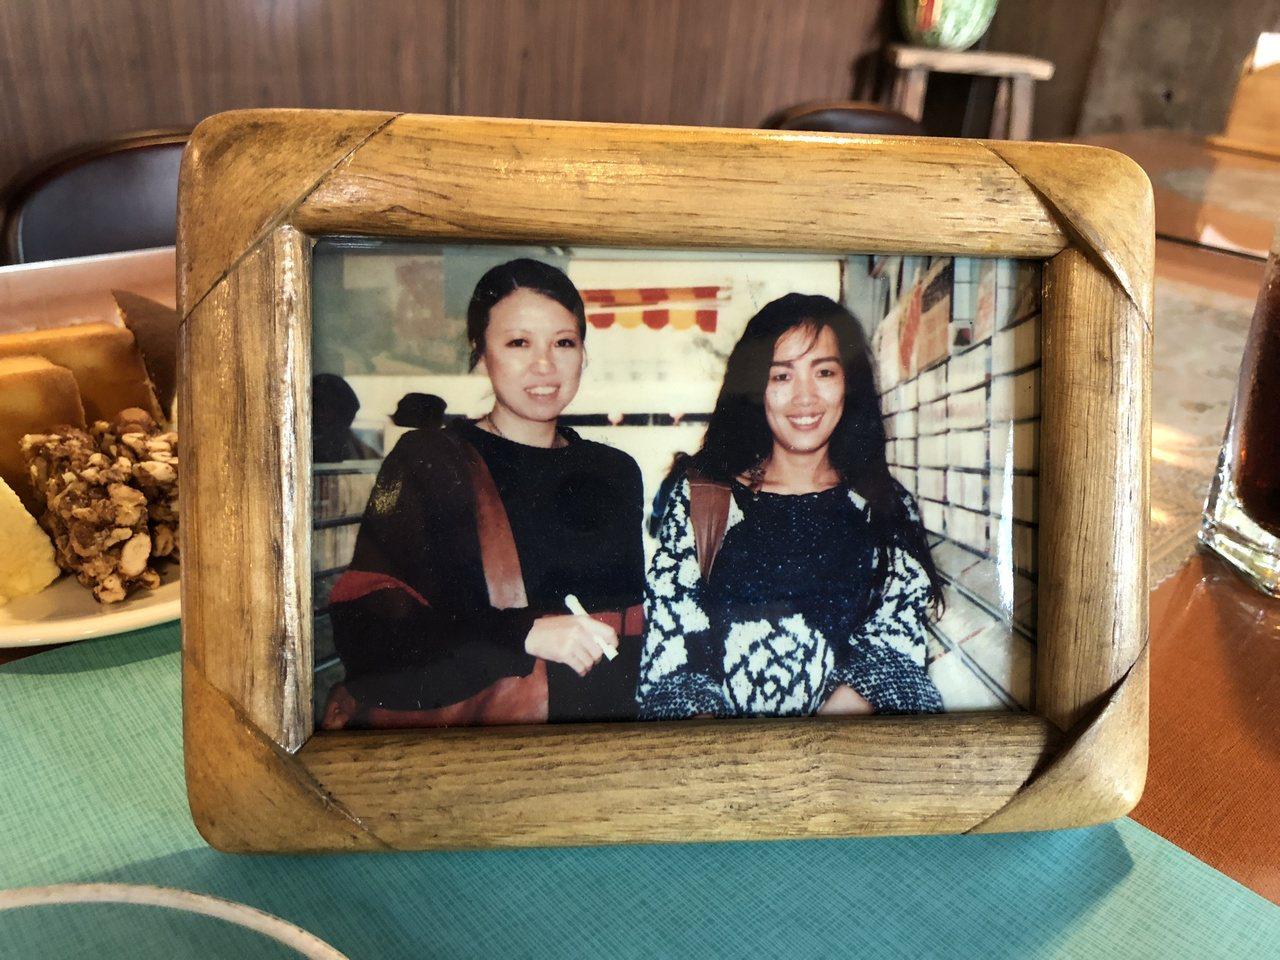 王俊升珍藏民歌「橄欖樹」歌手齊豫(右)和作詞者三毛(右)在台中市唱片行合照的珍貴...